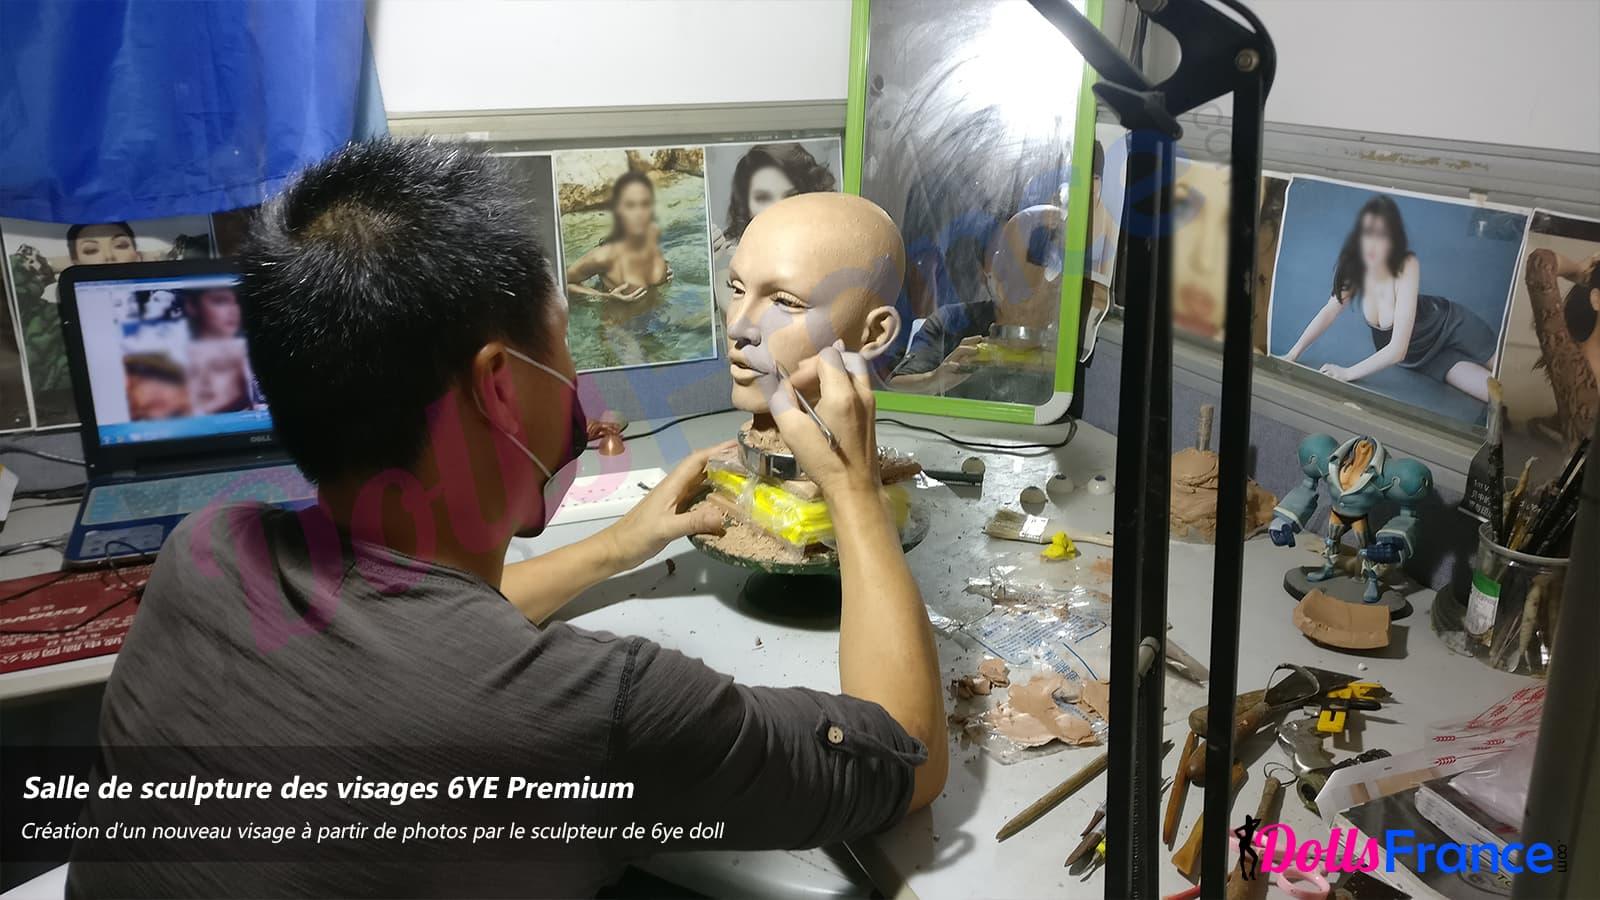 Sculpture de visage personnalisés sur photo 6ye dollsfrance